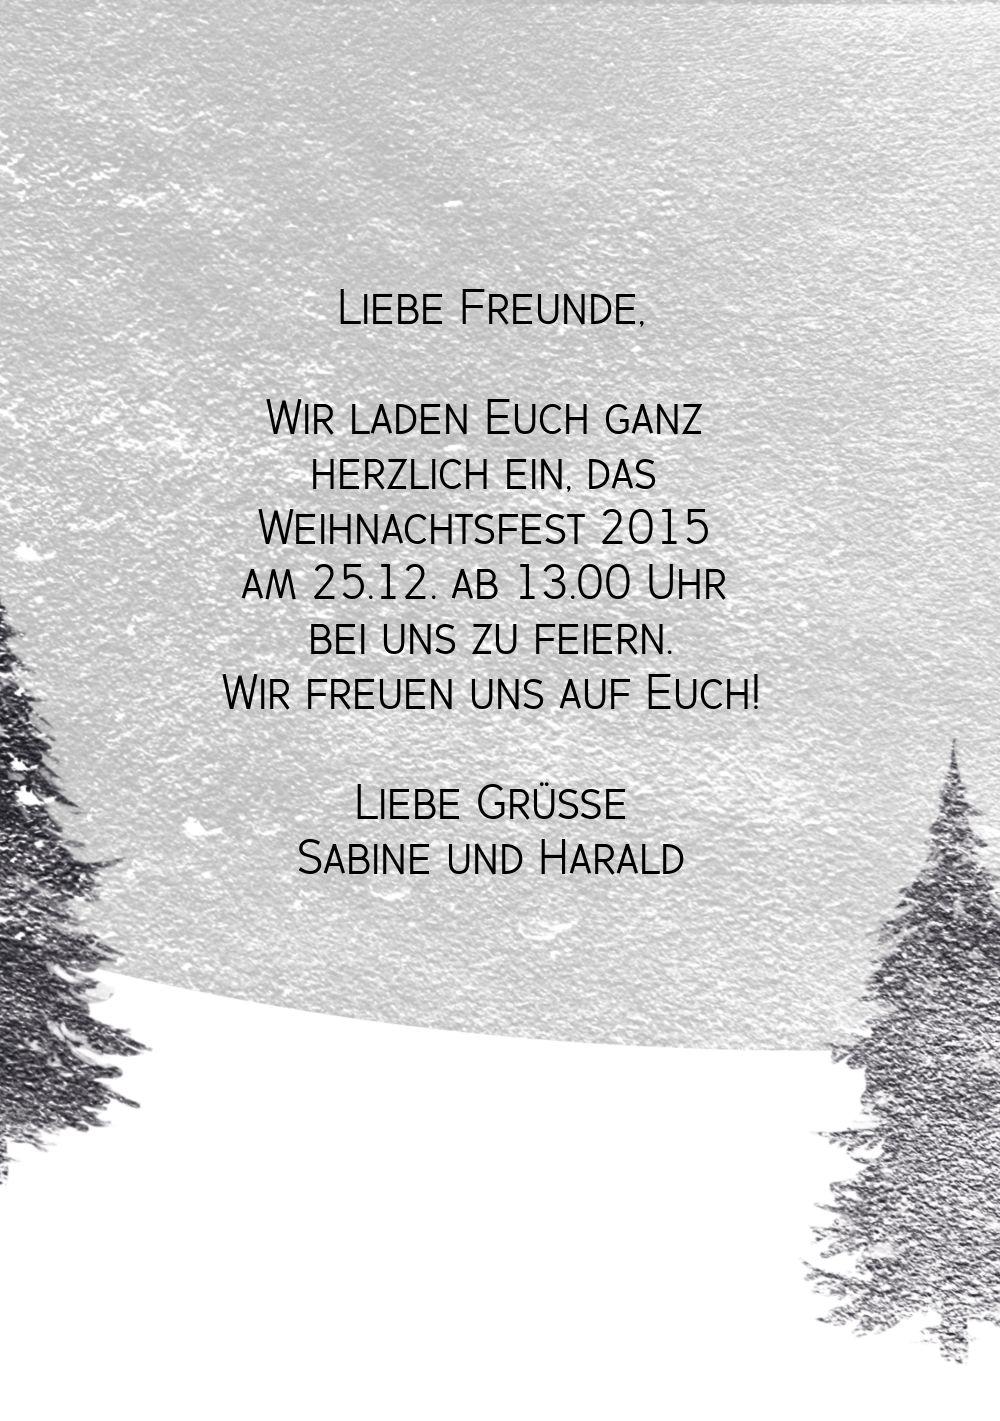 Ansicht 5 - Einladung Winterwald